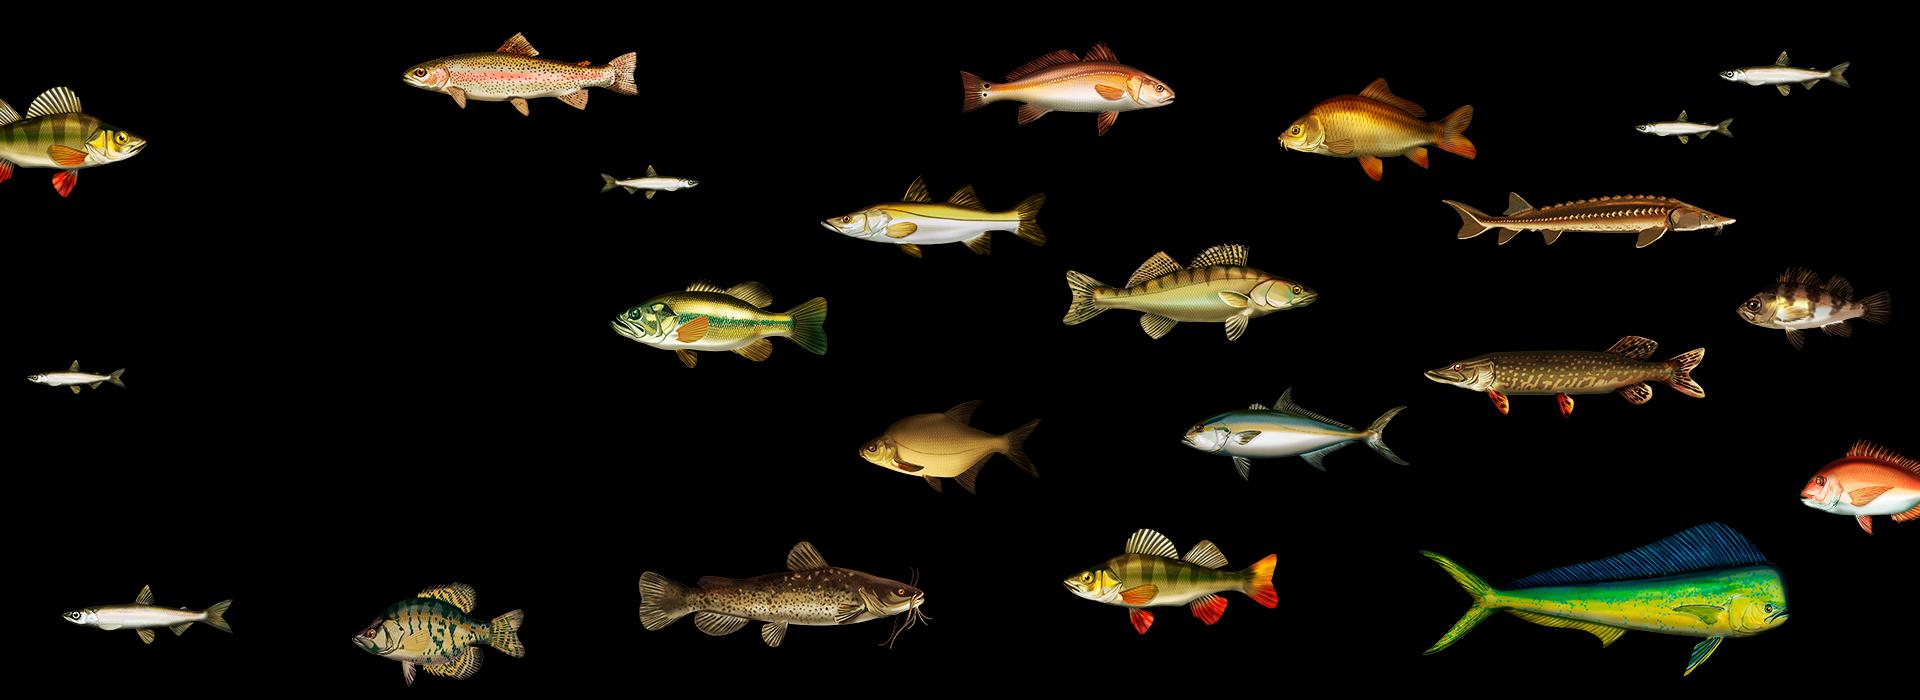 Vienas echolotas –visos žuvys tavo!Žvejok su Deeper!